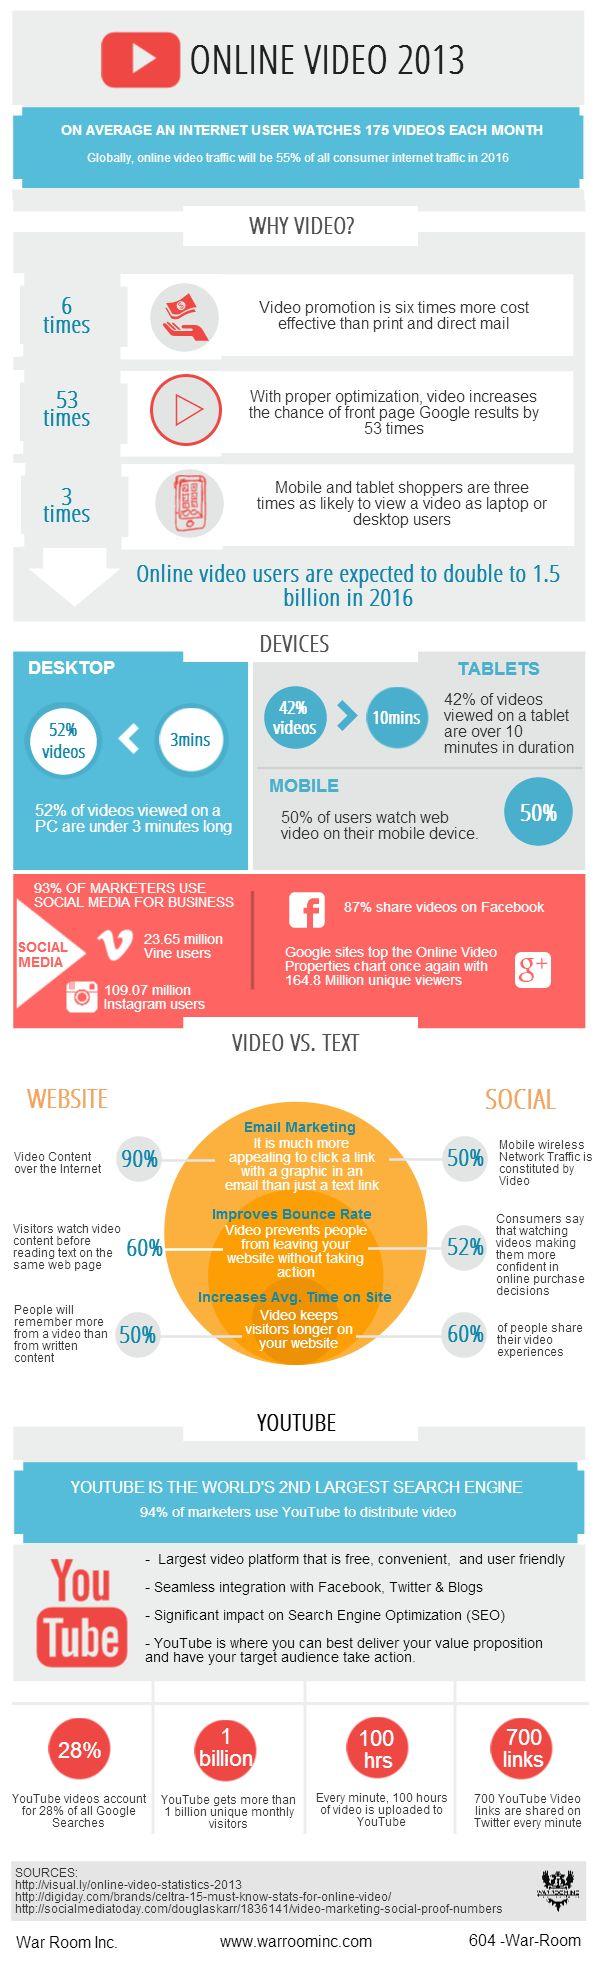 Online Video Statistics 2013 www.warroominc.com/online-video-2013-infographic/